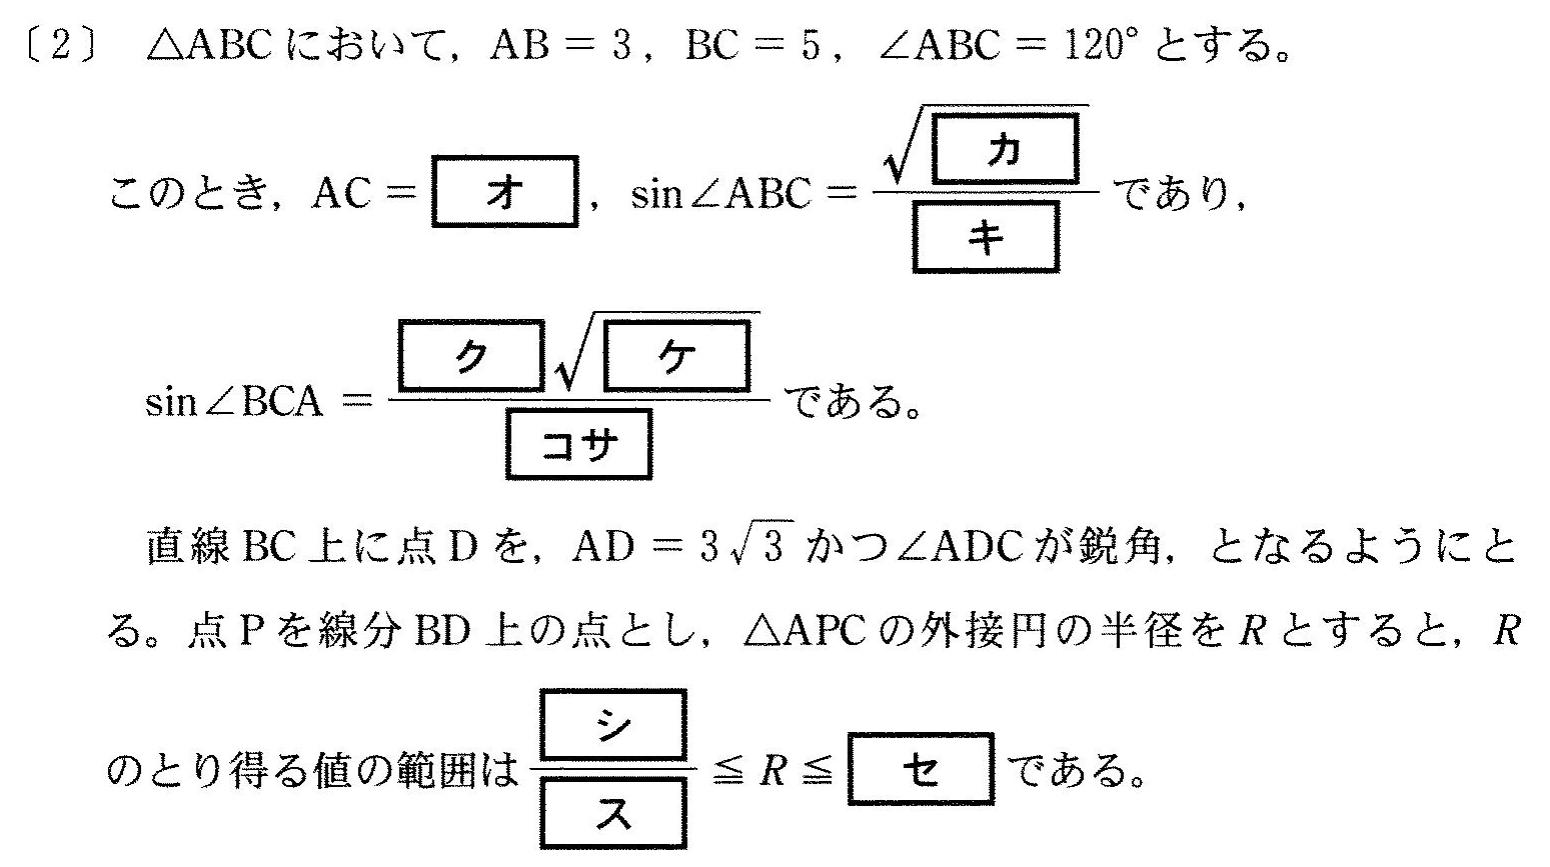 問題1A2-2